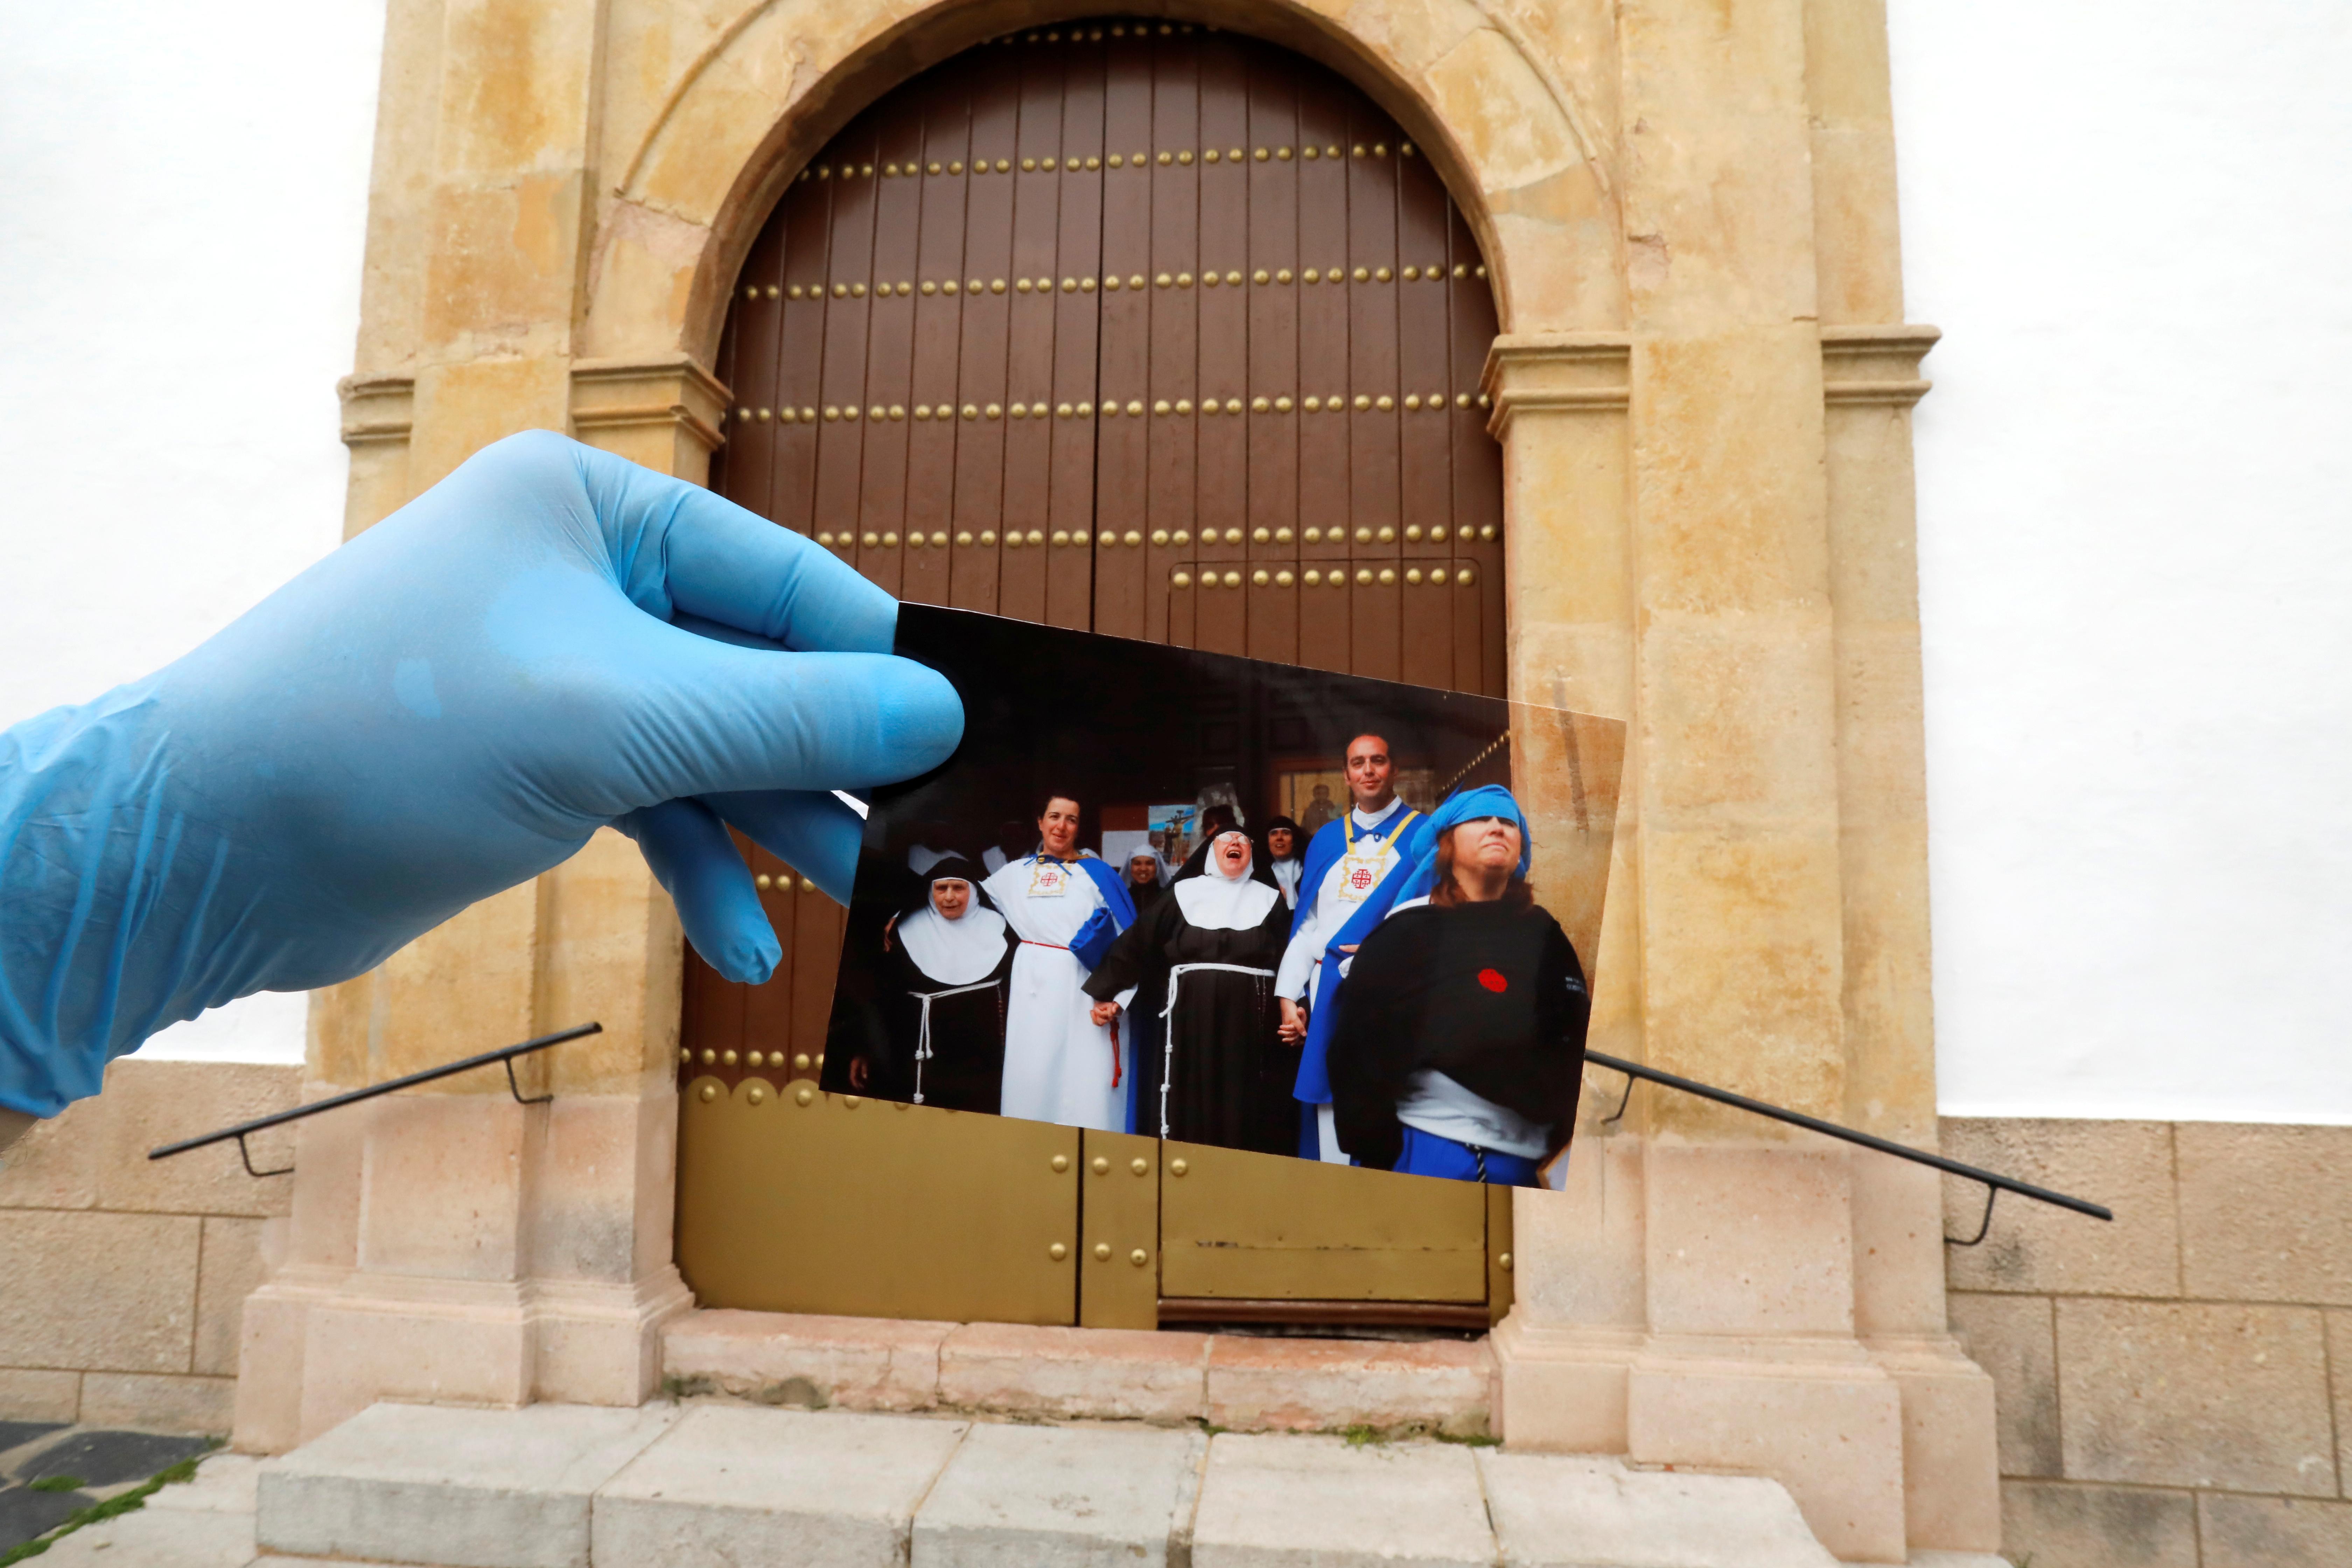 Monjas y penintentes observaban la procesión, cancelada para este año